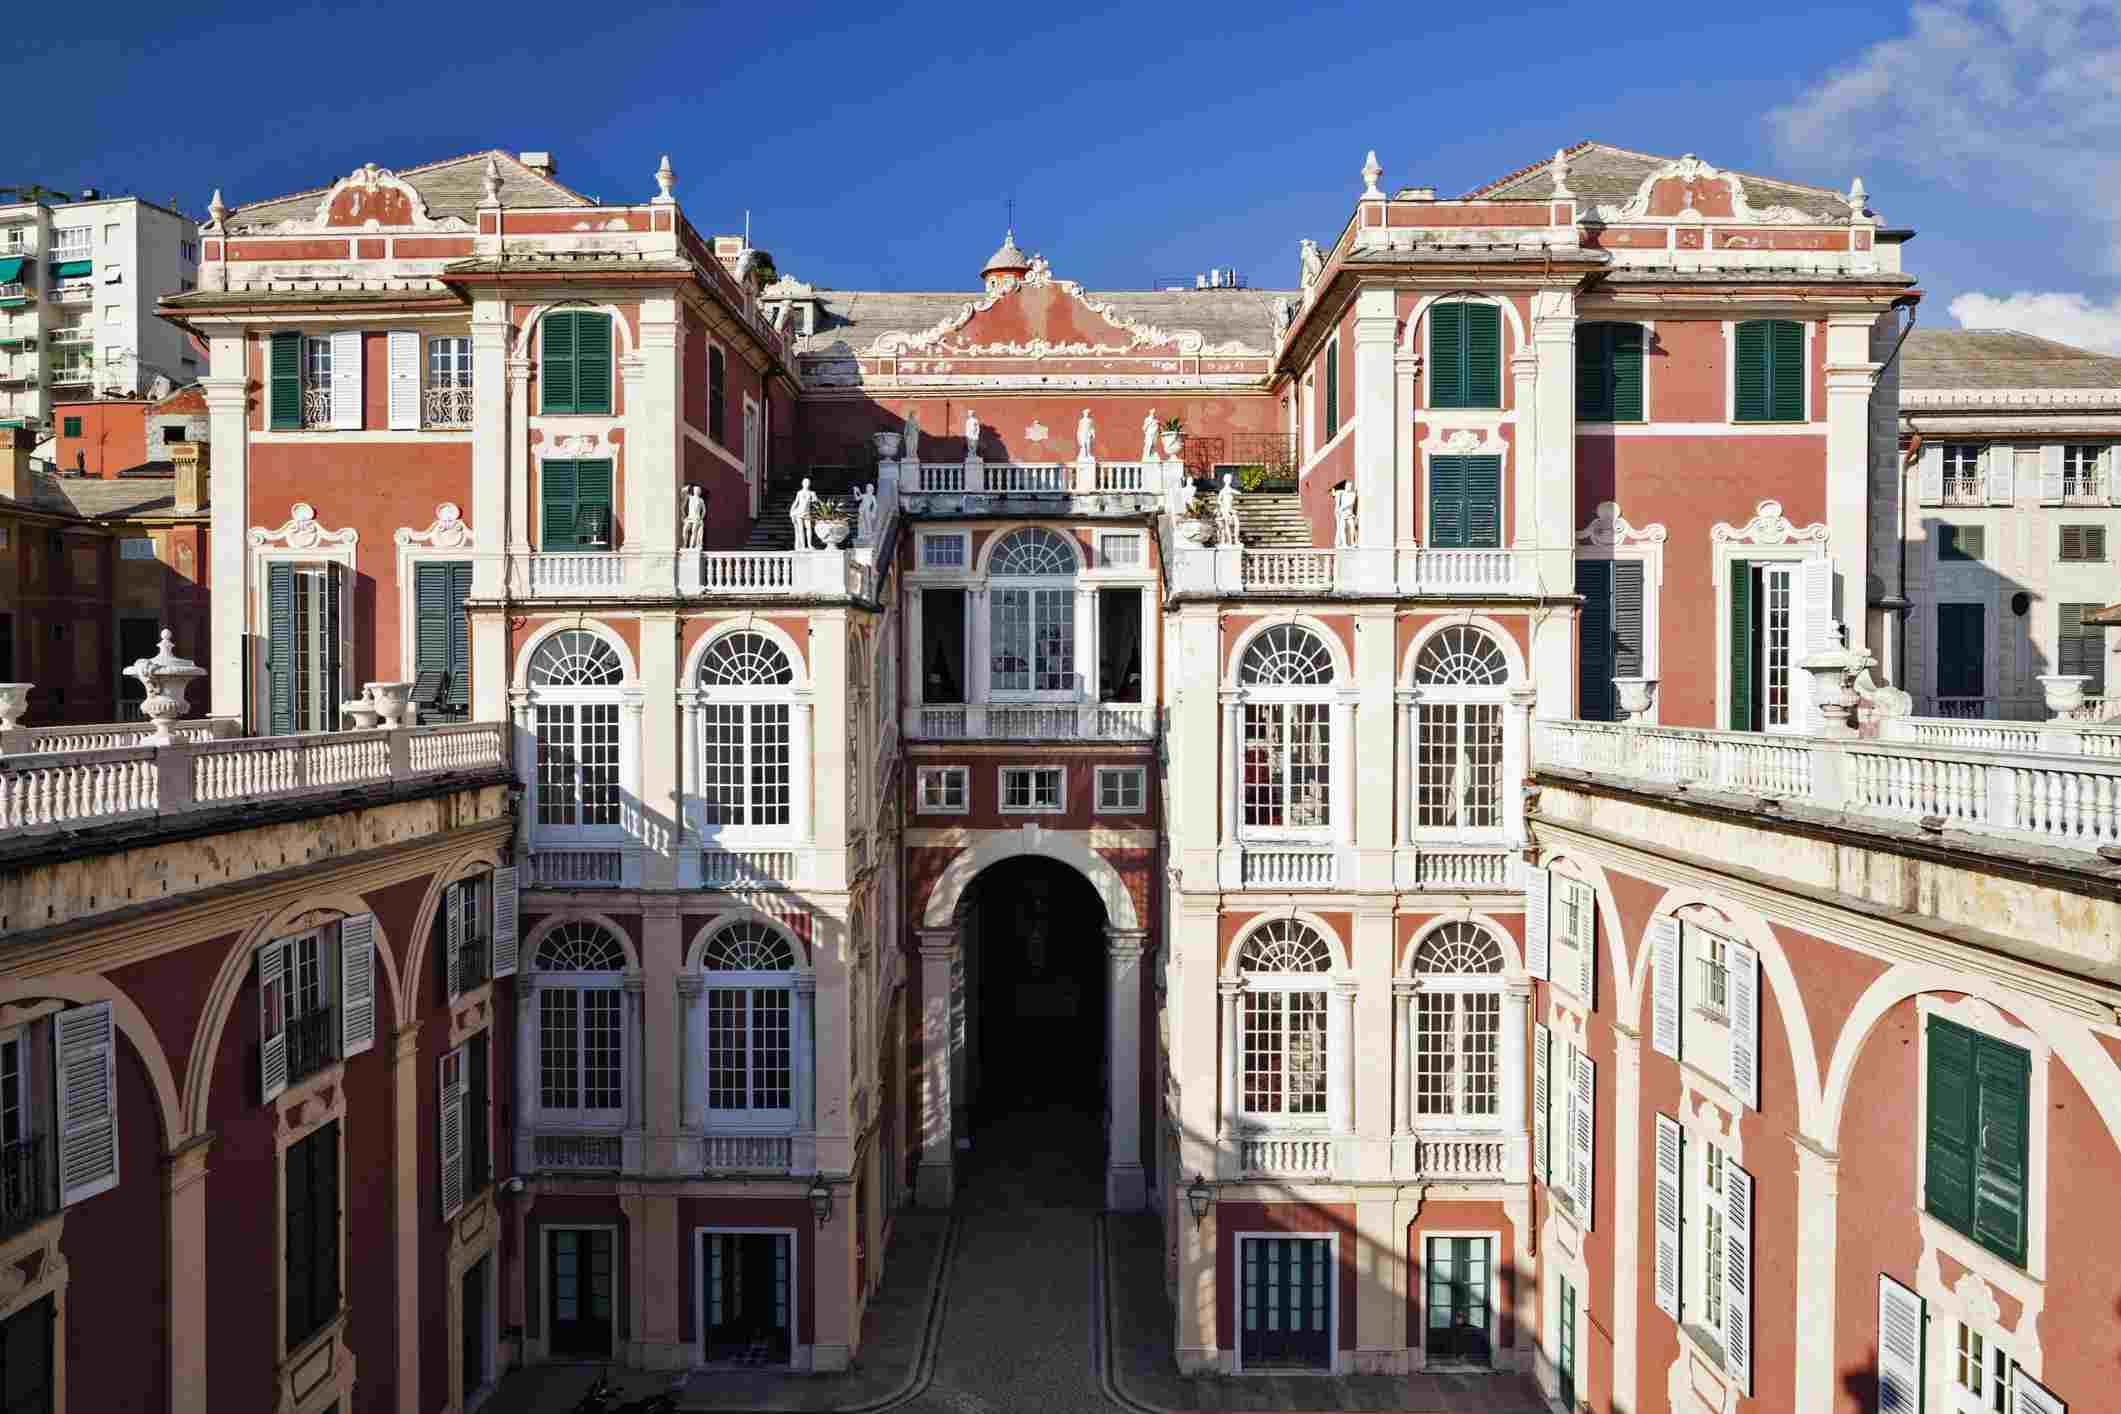 Una vista exterior de la azotea del Palacio Real, en Génova